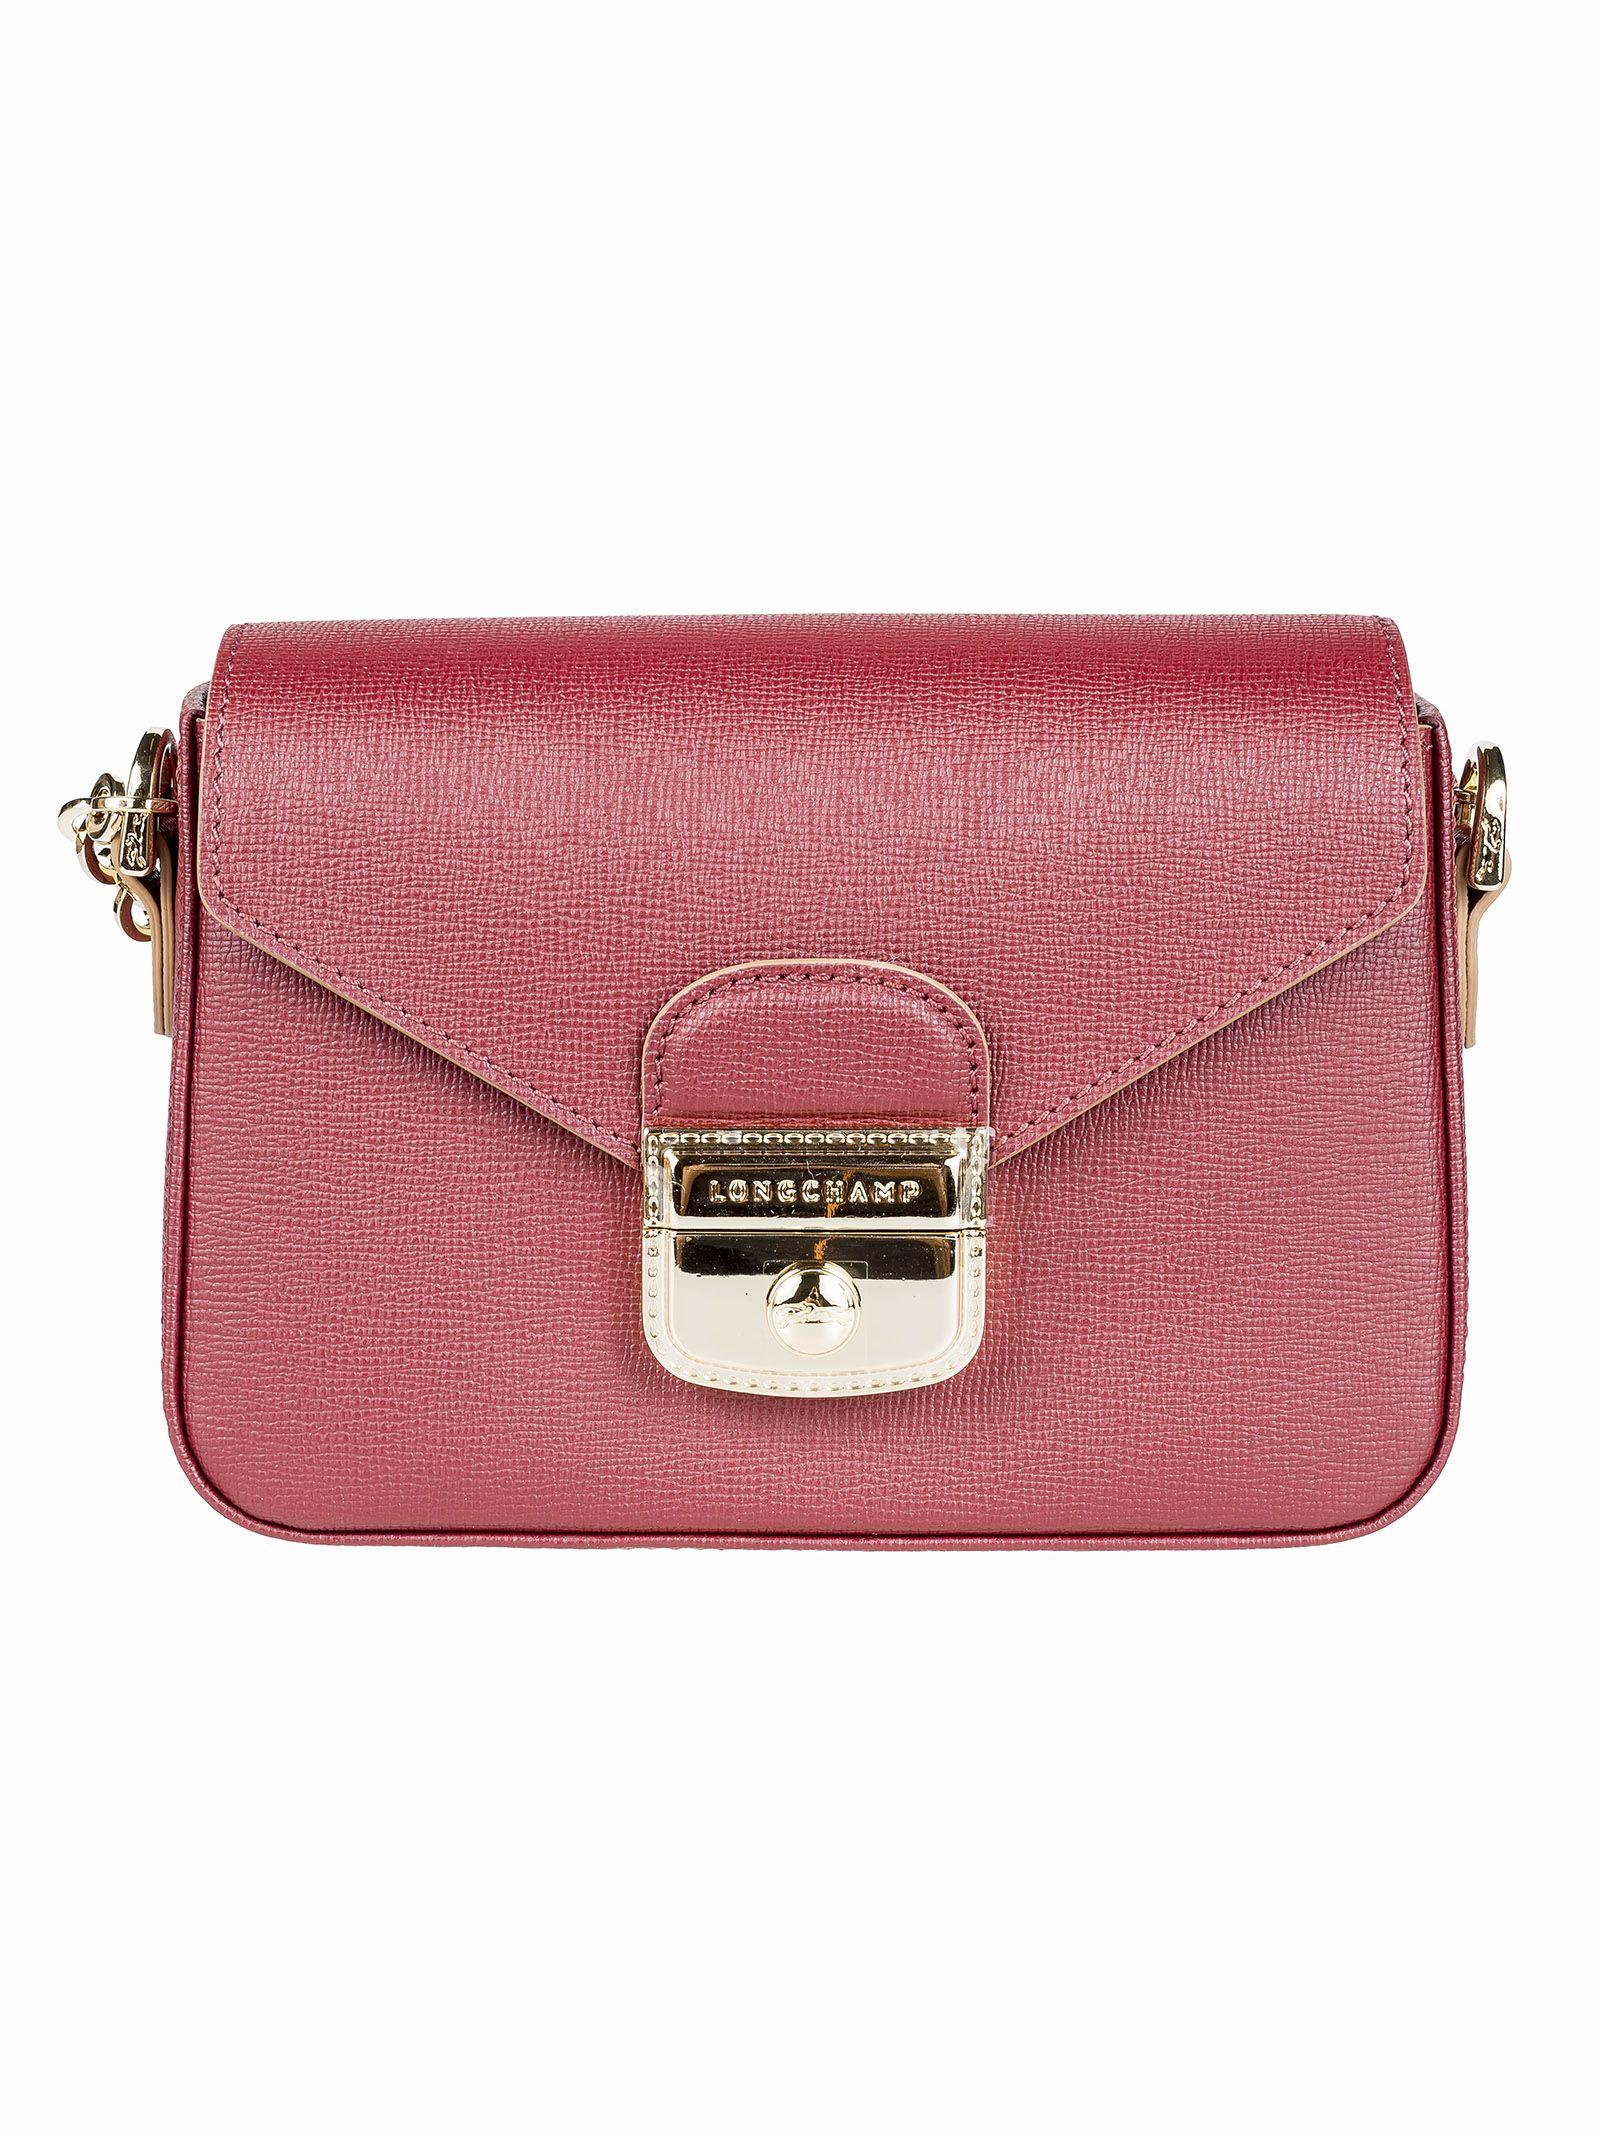 12e05f1752 Longchamp Le Pliage Heritage Shoulder Bag